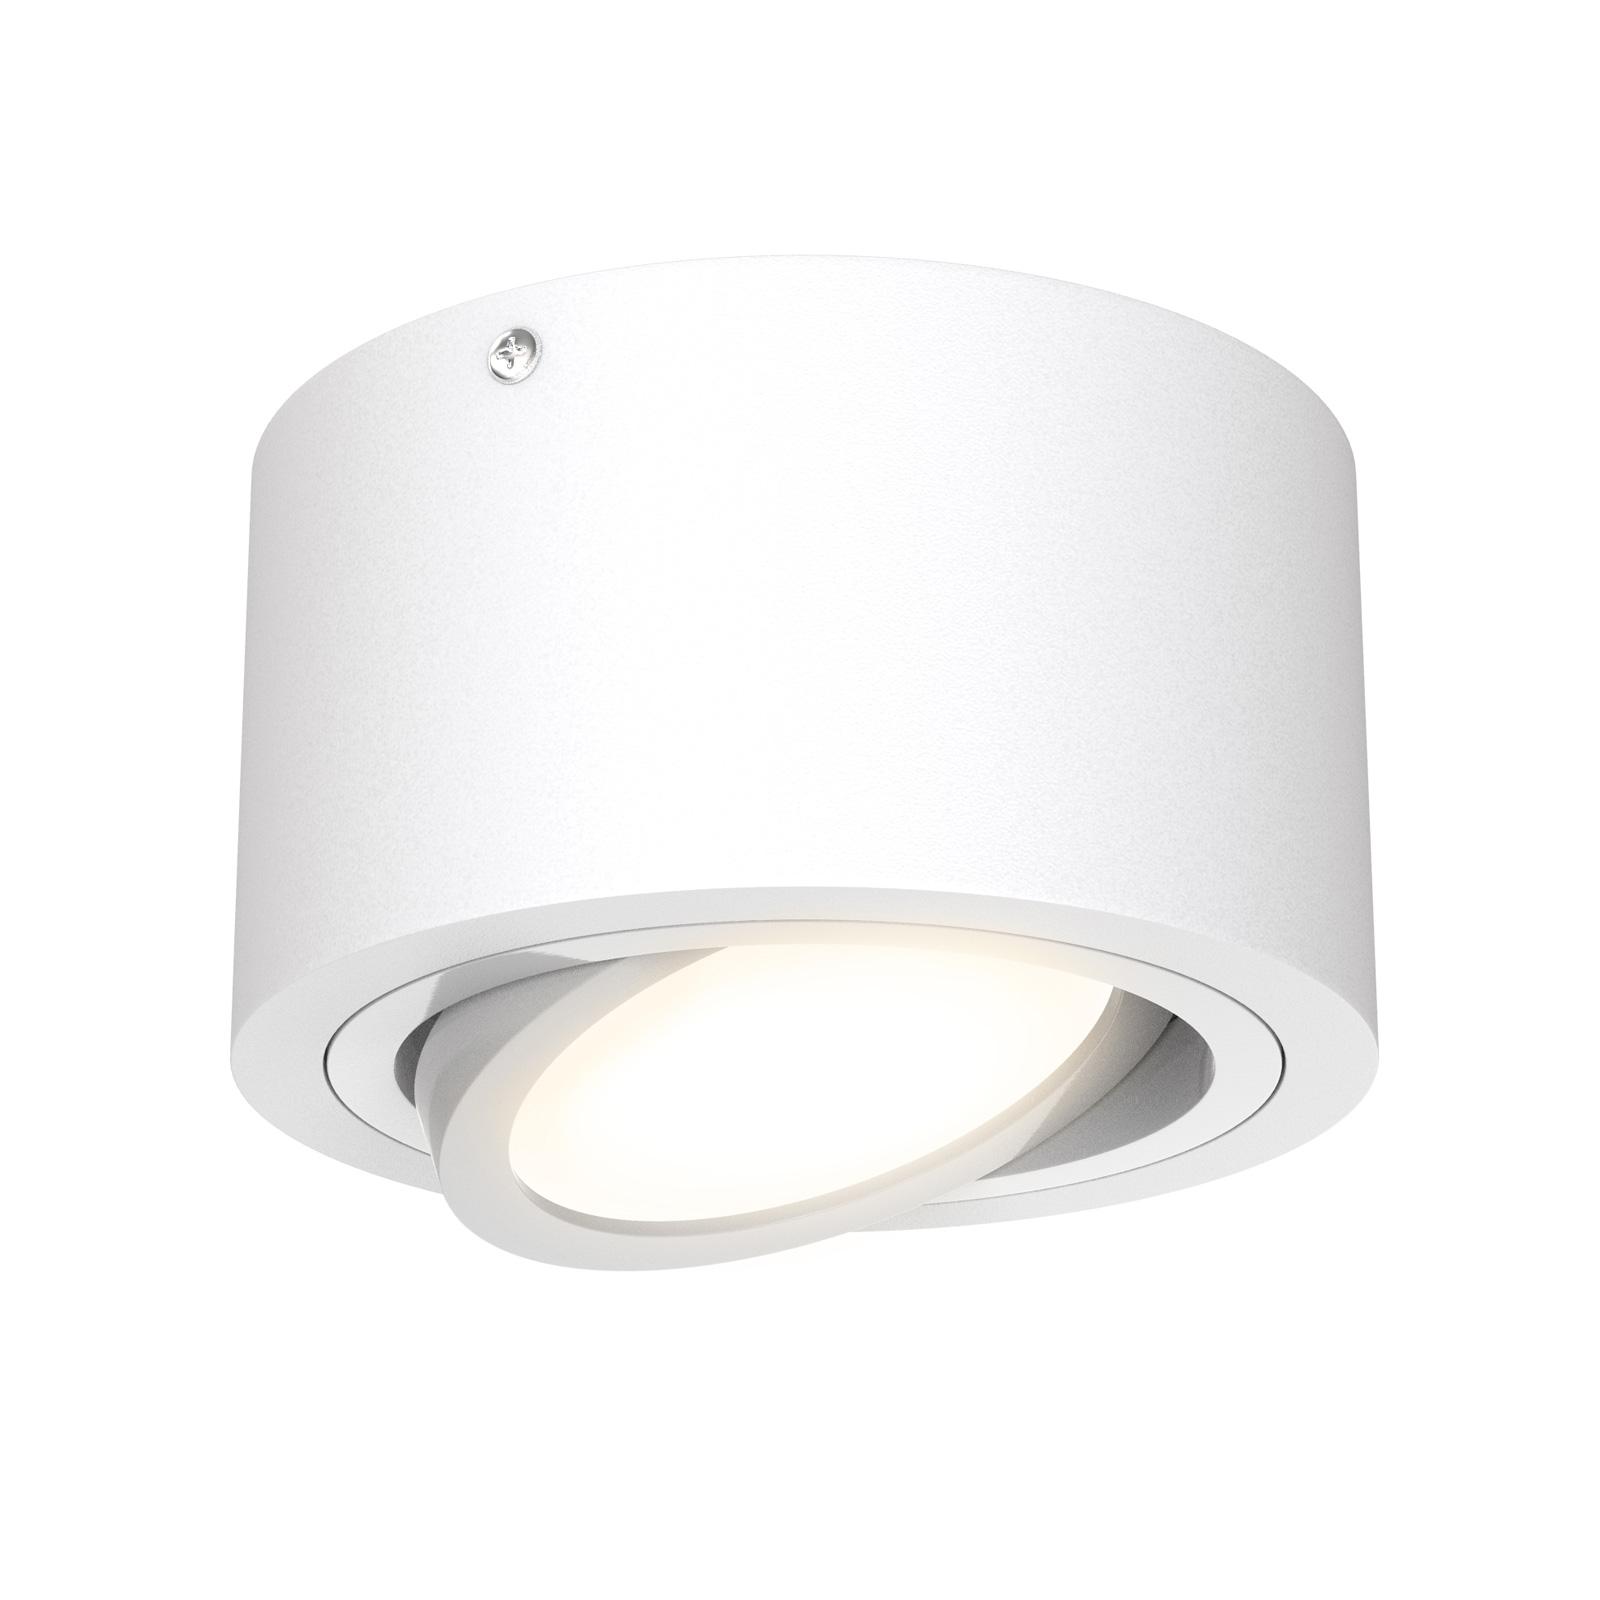 Tube 7121-016 LED-loftspot i hvidt